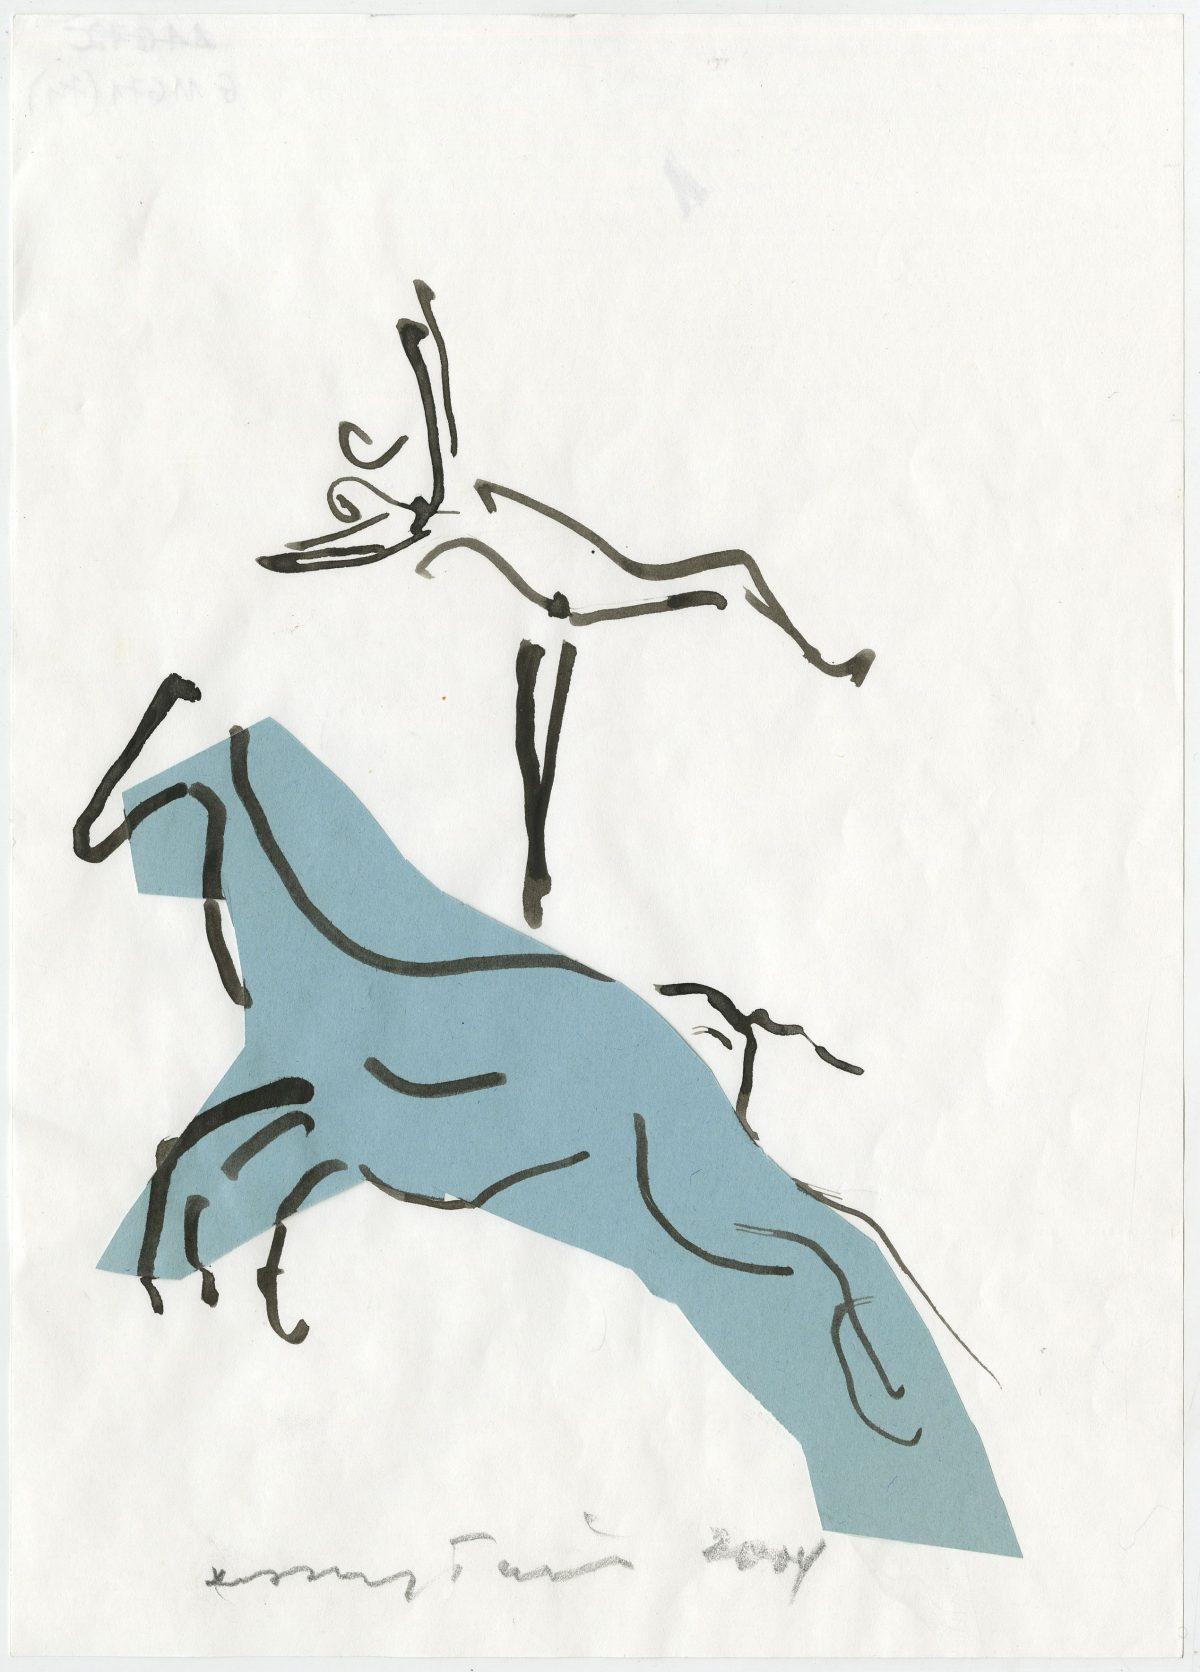 G11671(74)<br/> <b>Cím:</b> Hopp lovak lovak <br/> <b>Méret cm:</b> 29,6X21 <br/> <b>Készült:</b> 2004. <br/> <b>Technika:</b> tus, kollázs<br/>